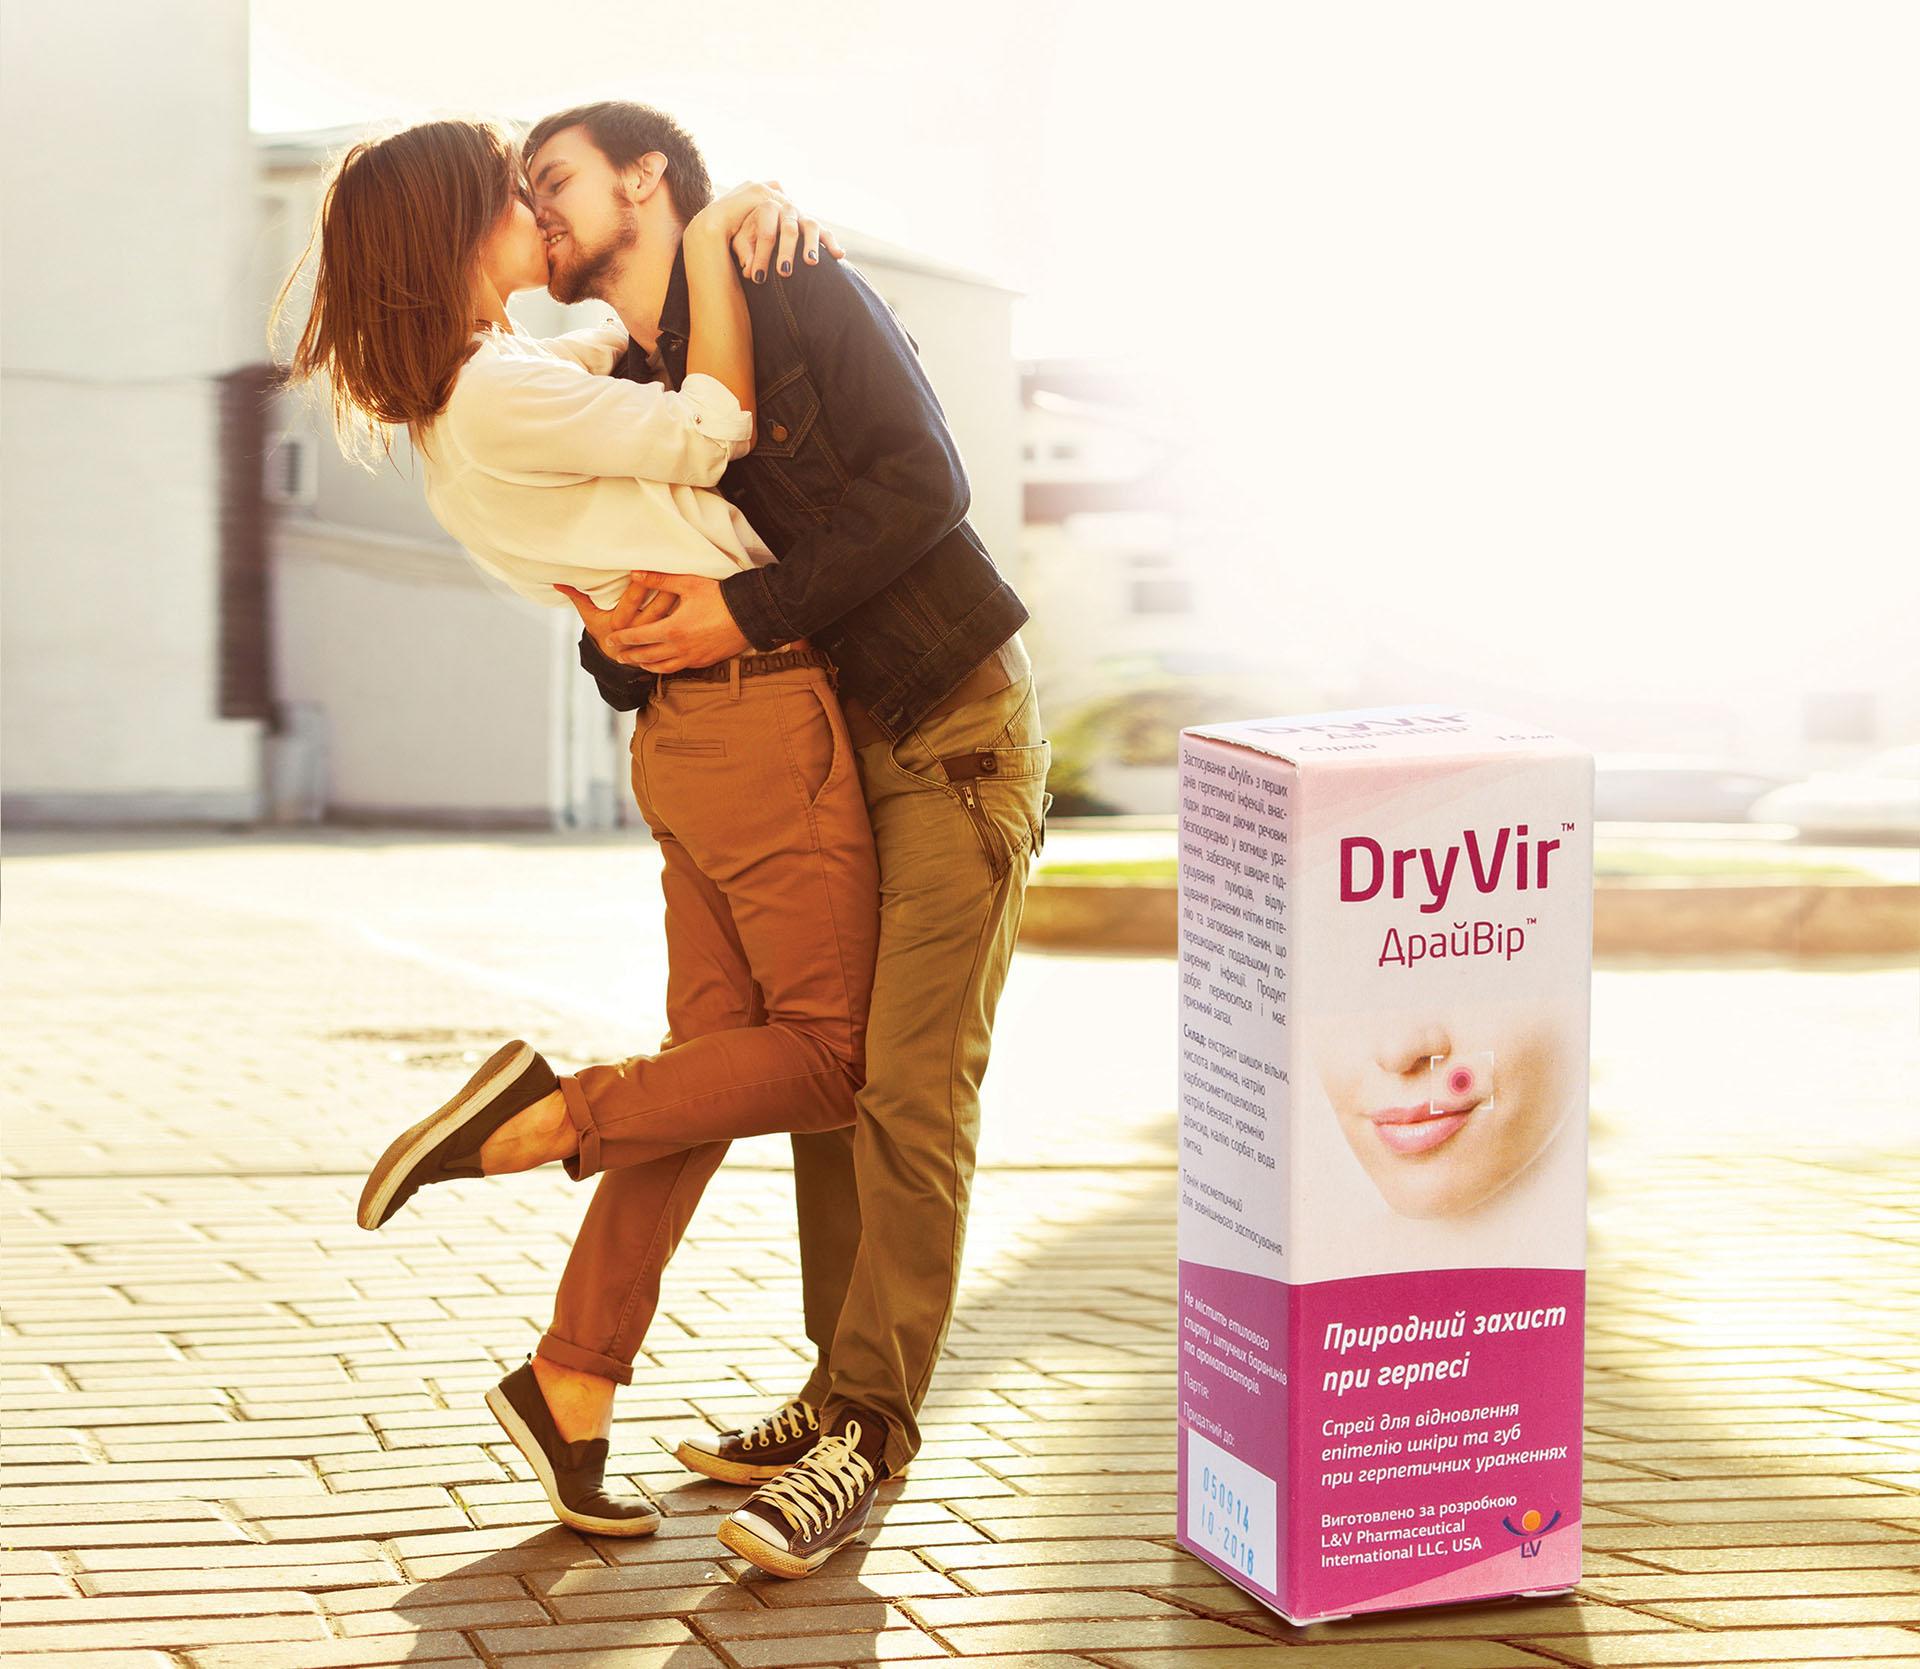 дизайн упаковки креама медицинский препарат лечения от герпесадизайн упаковки